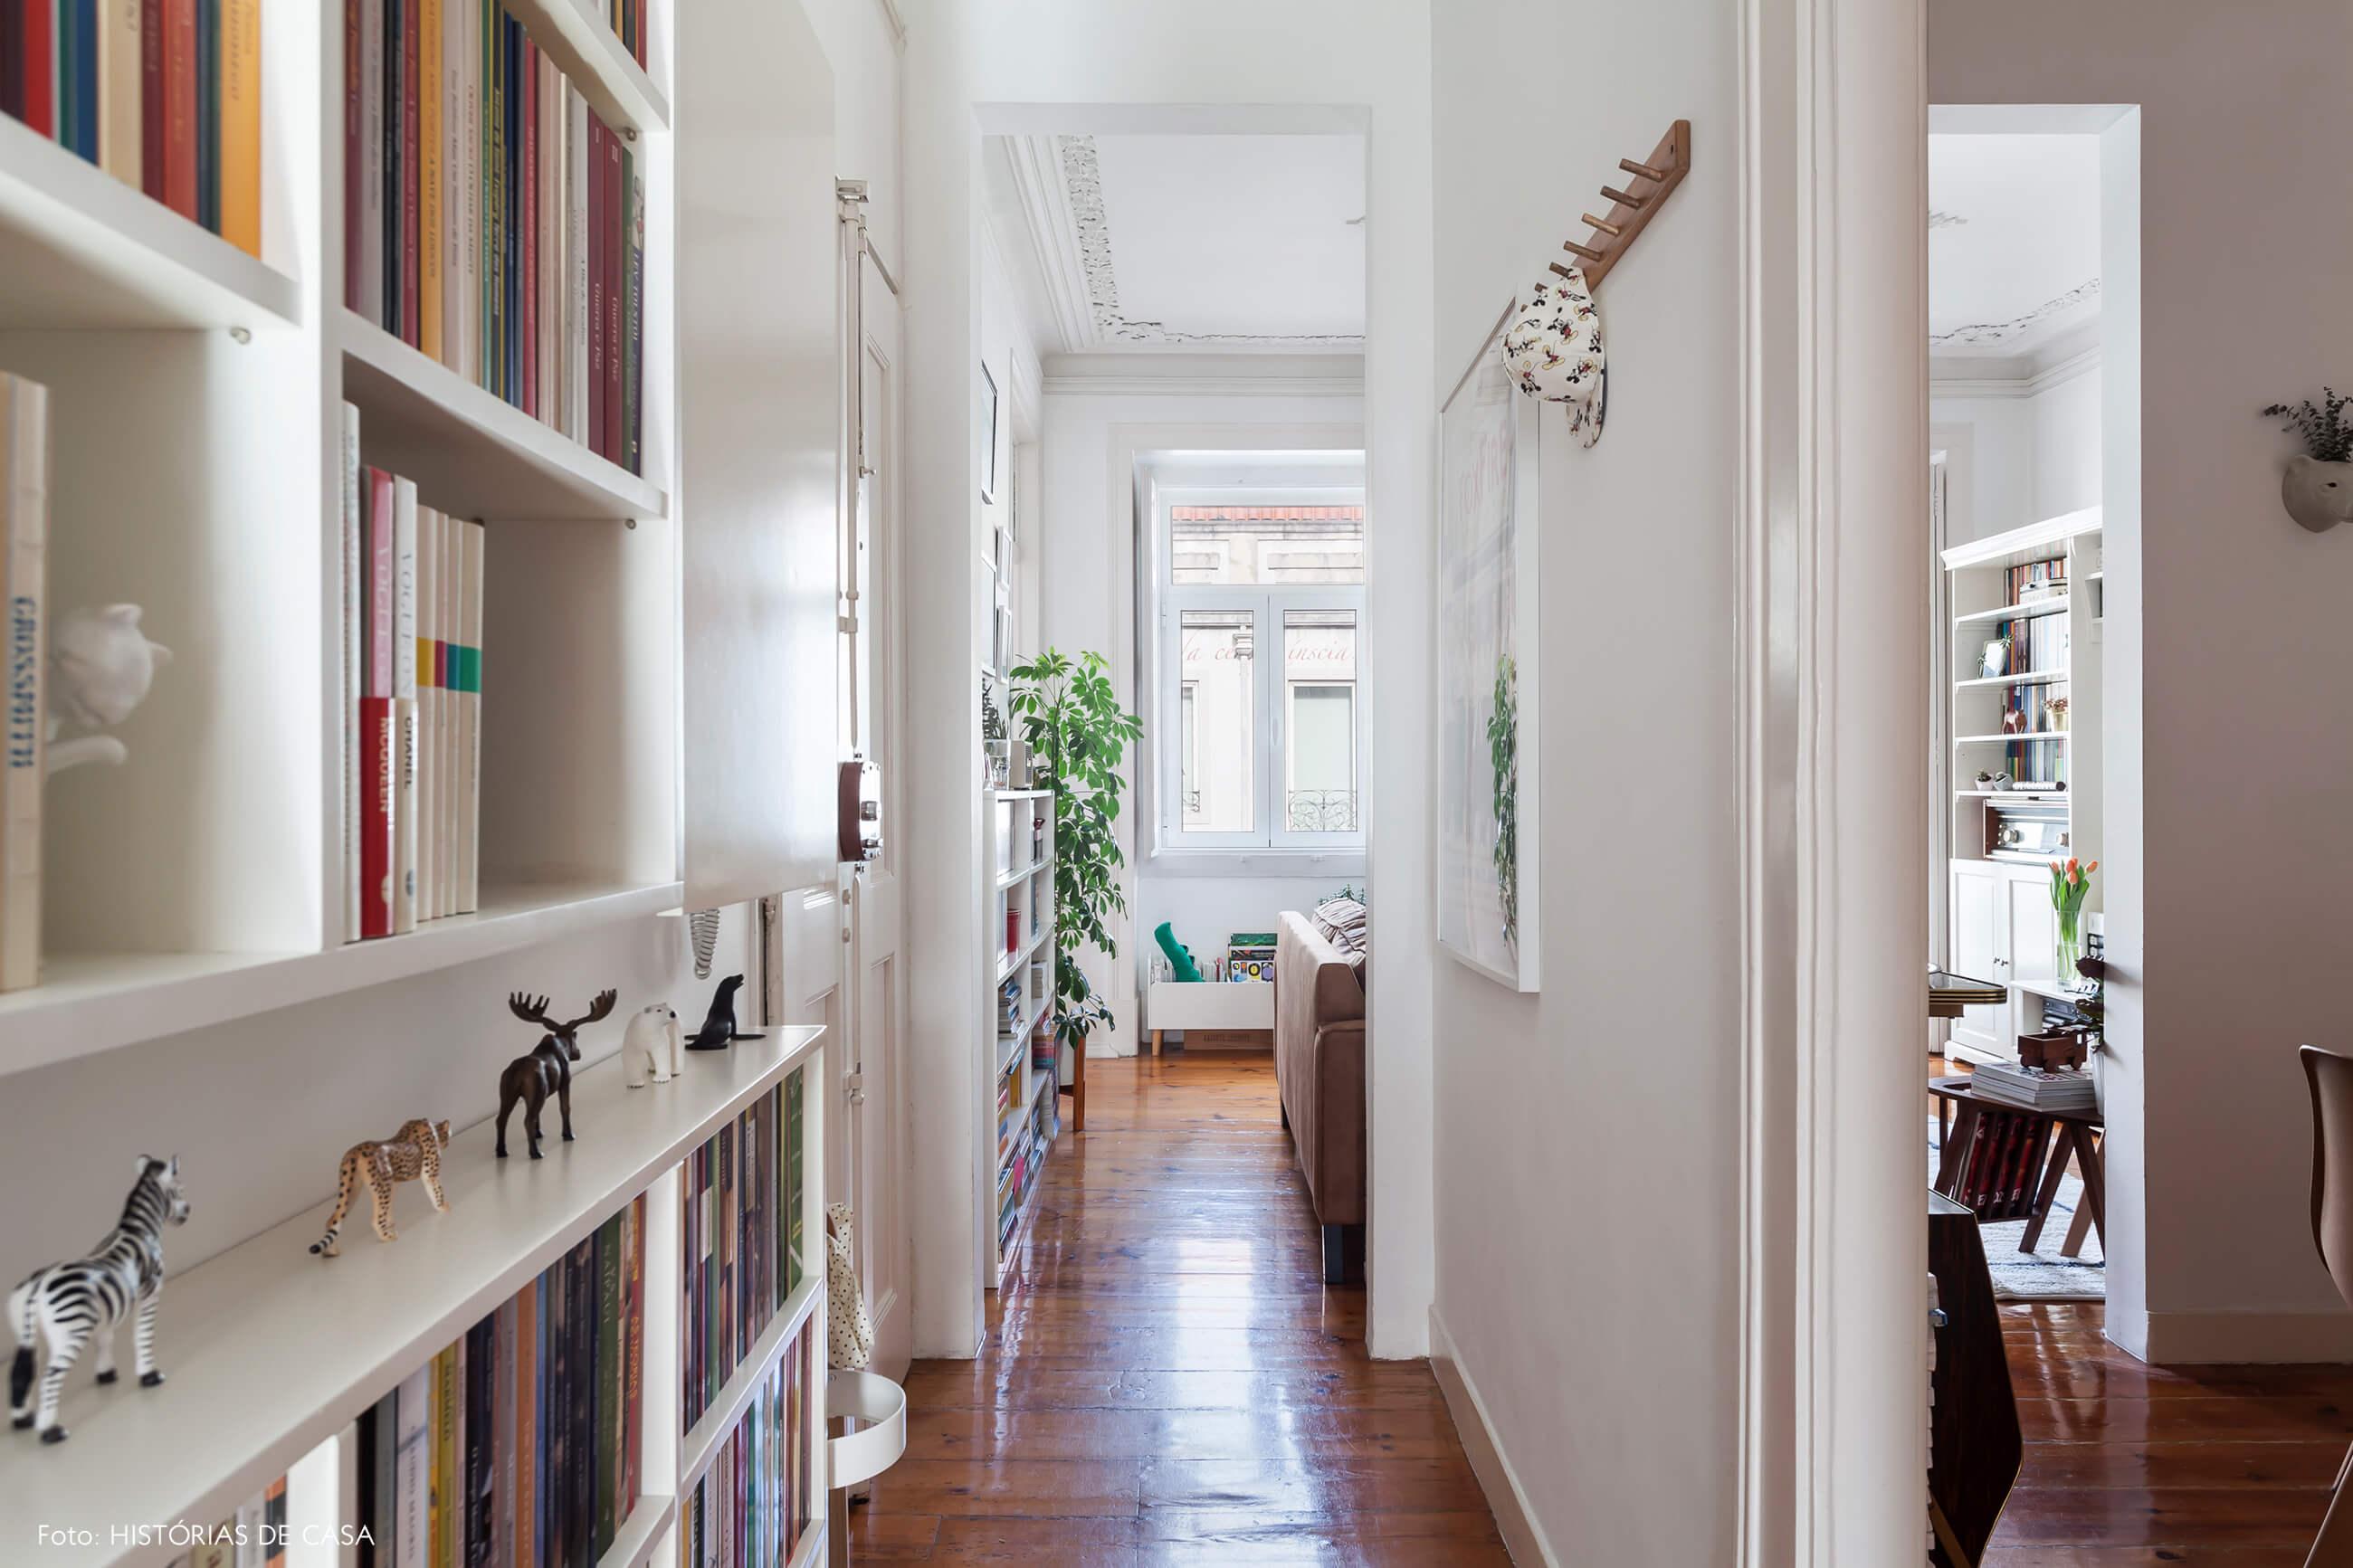 Apartamento em Portugal, corredor de entrada com estantes verticais